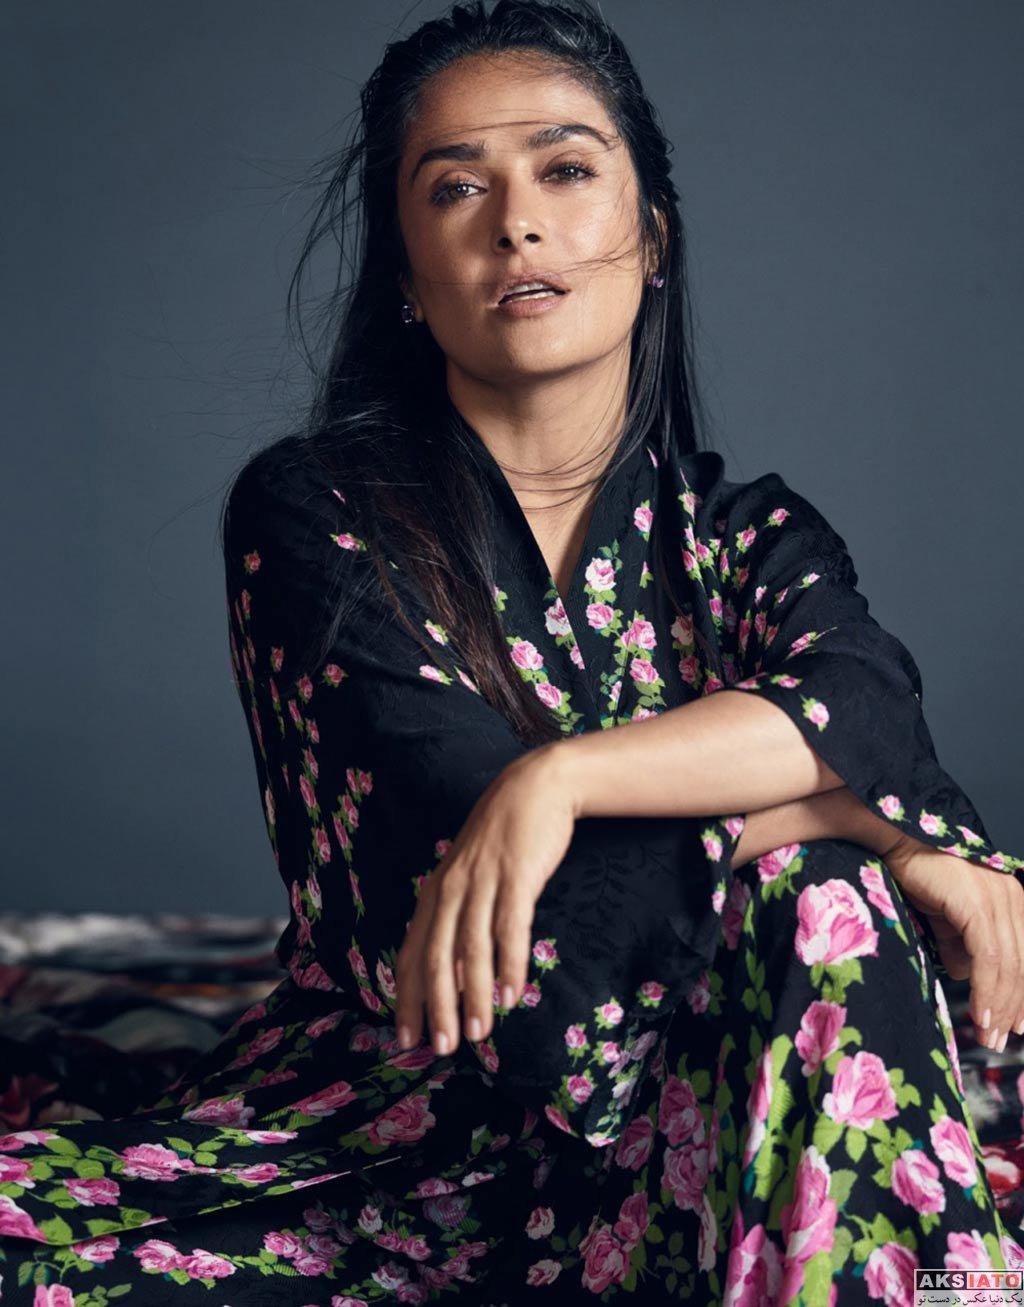 بازیگران بازیگران زن خارجی  عکس و والپیپرهای سلما هایک – Salma Hayek